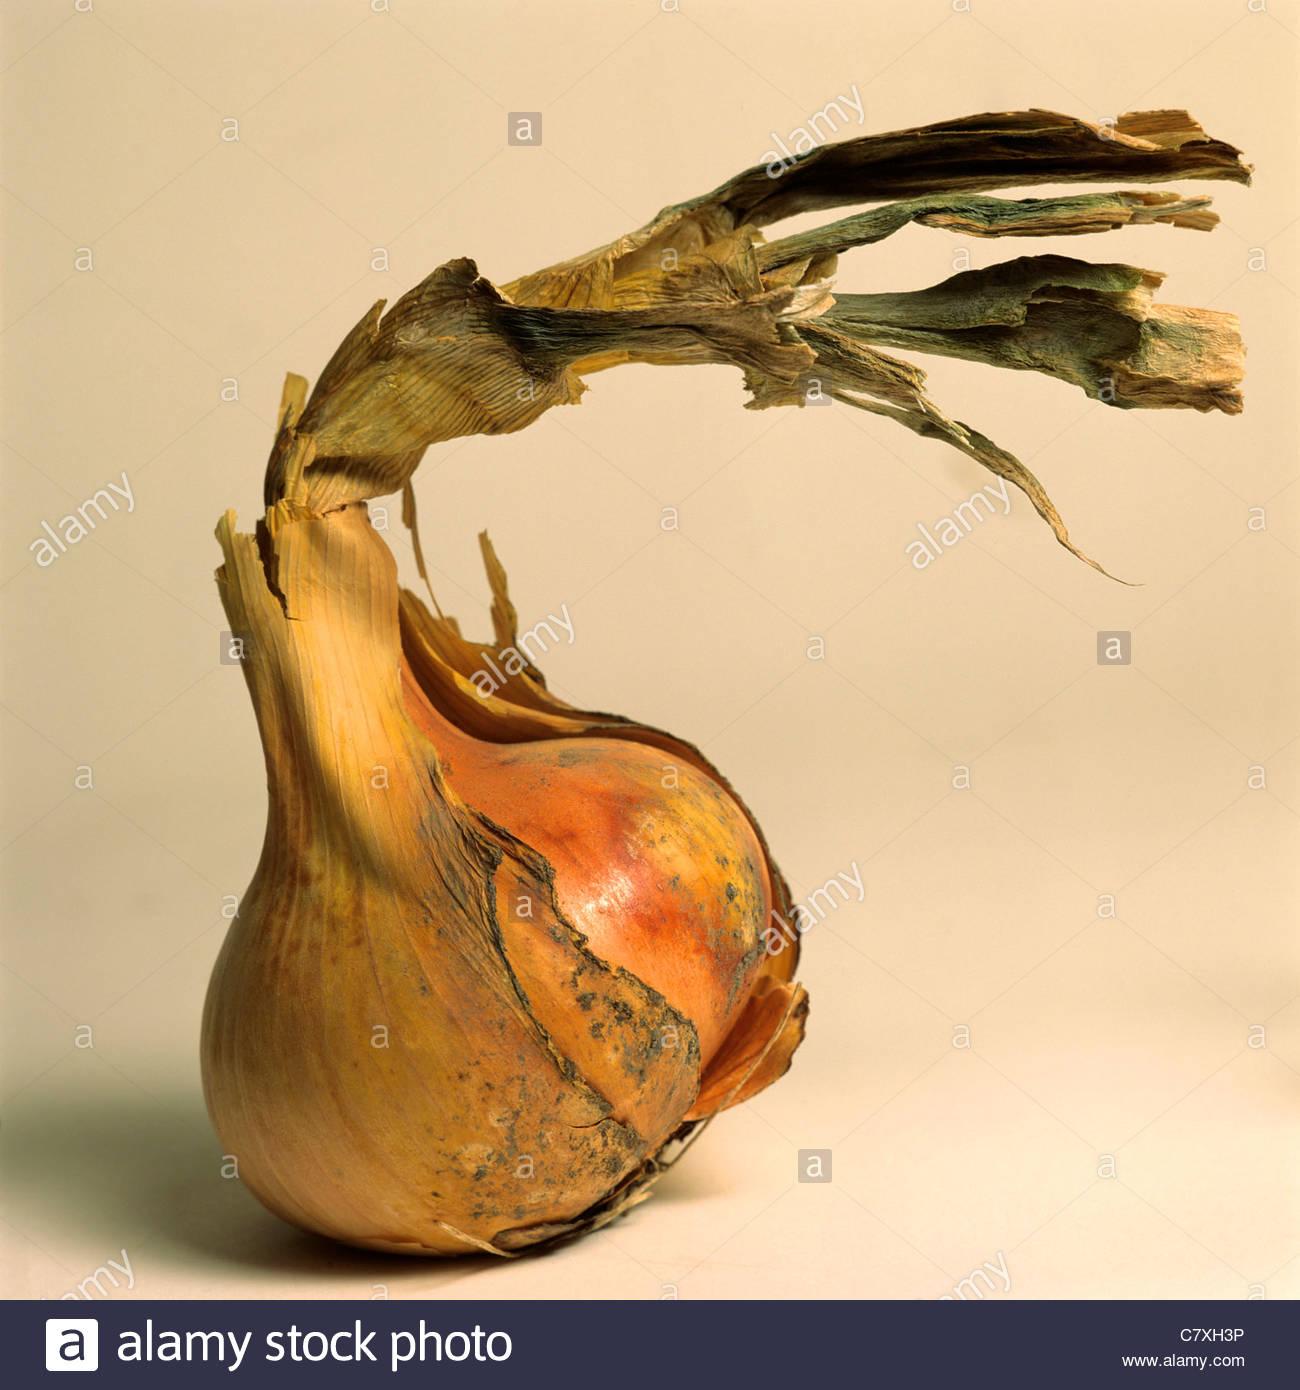 L'oignon avec une desquamation de la peau Banque D'Images